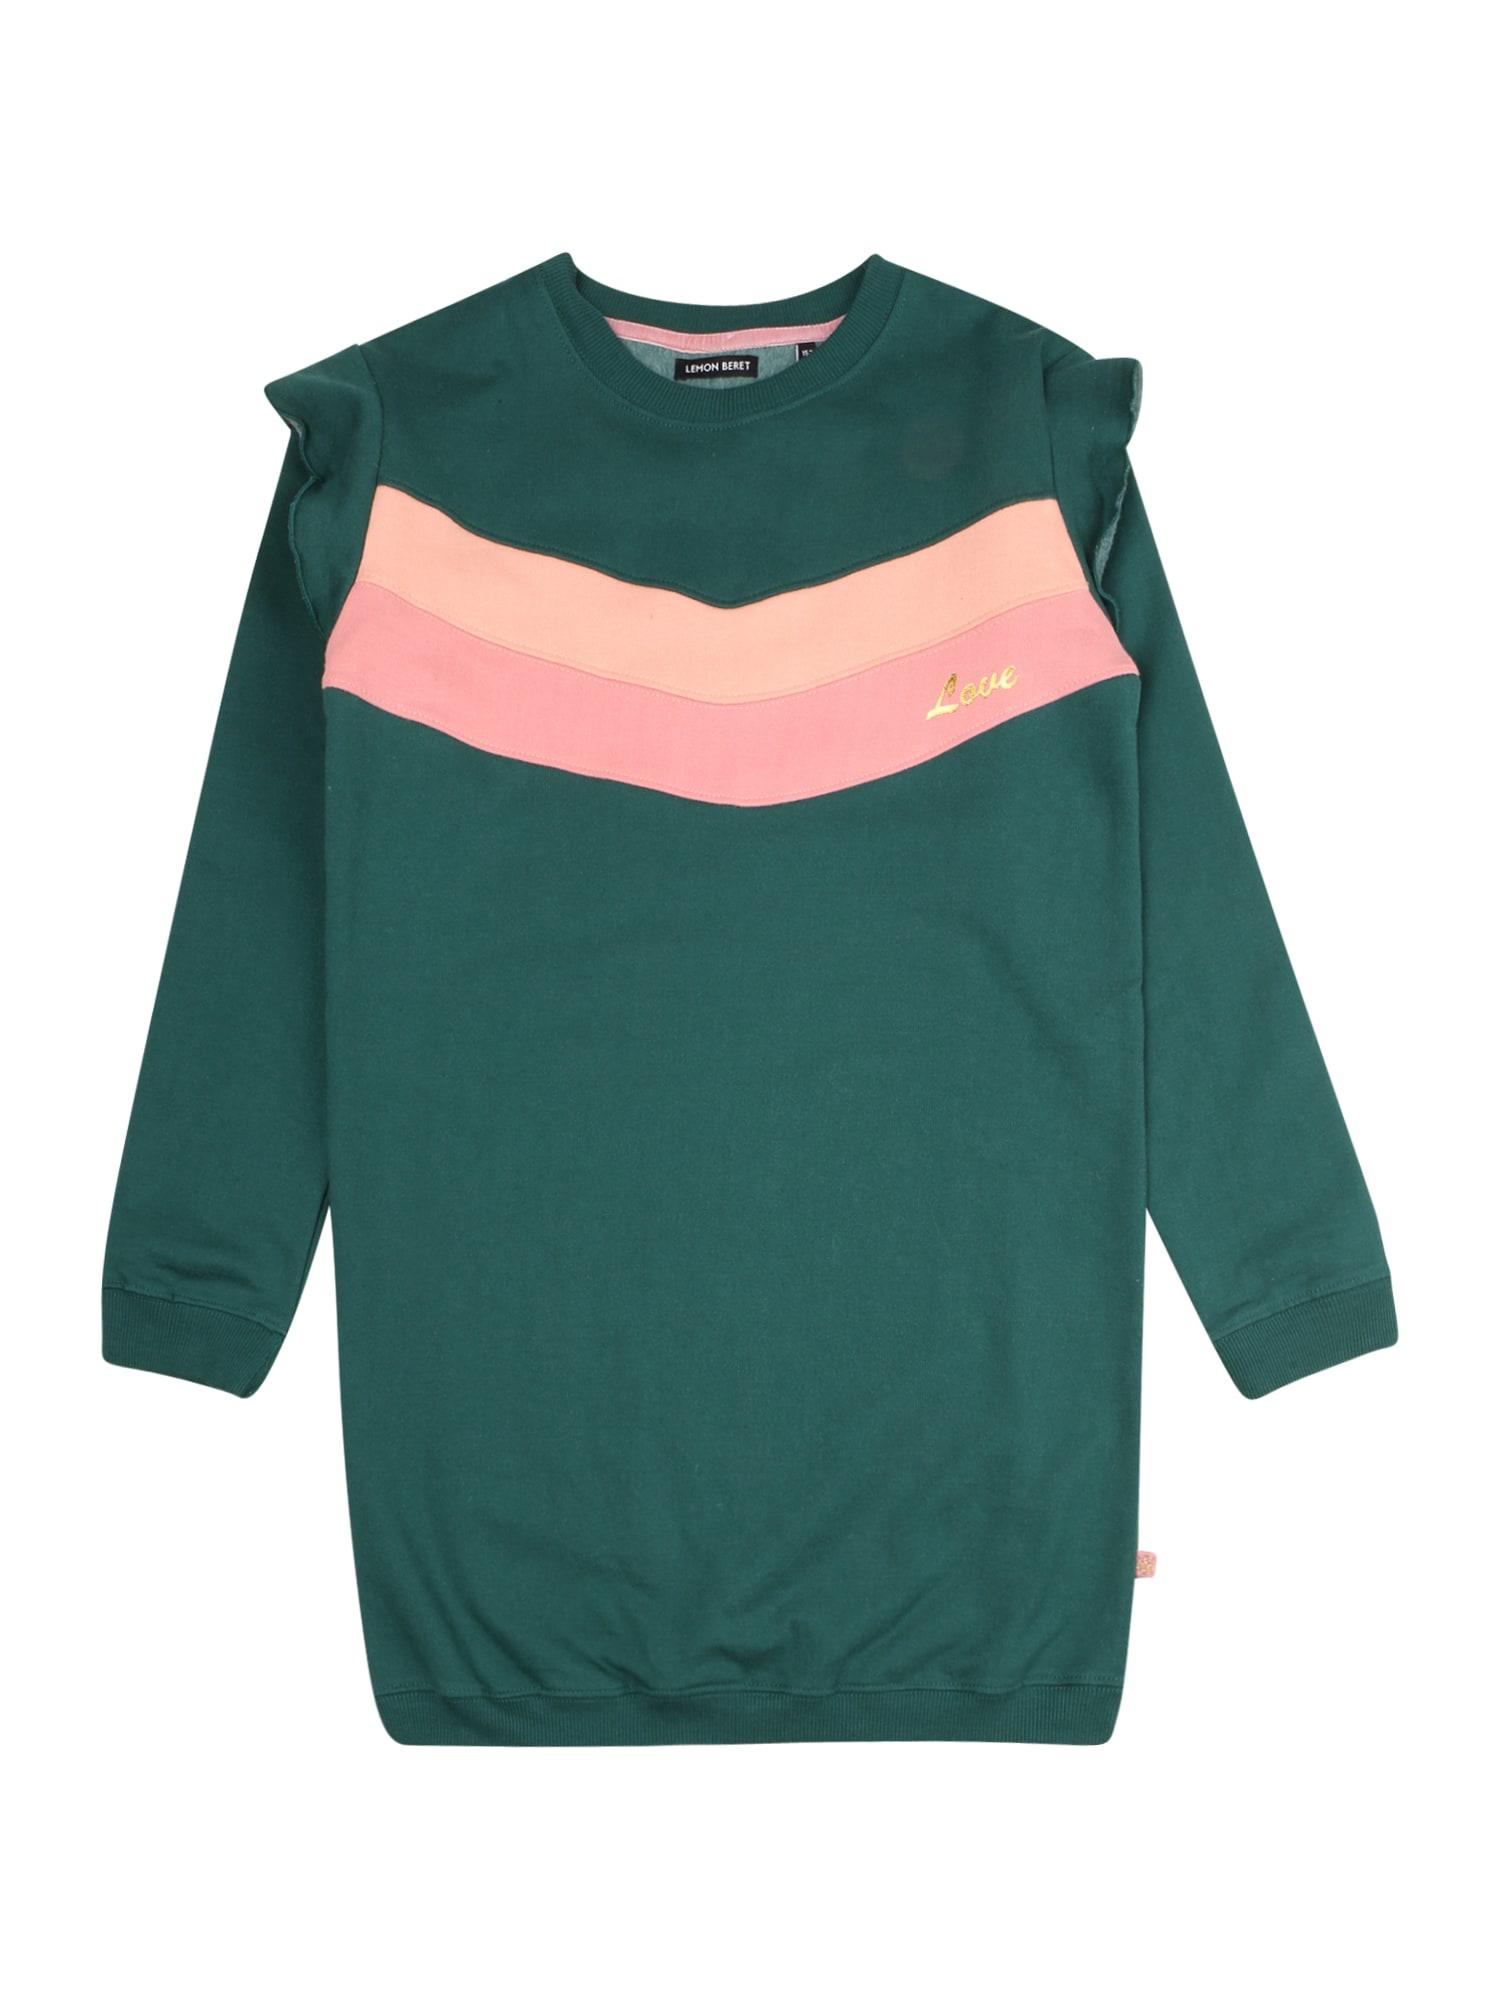 LEMON BERET Suknelė smaragdinė spalva / šviesiai rožinė